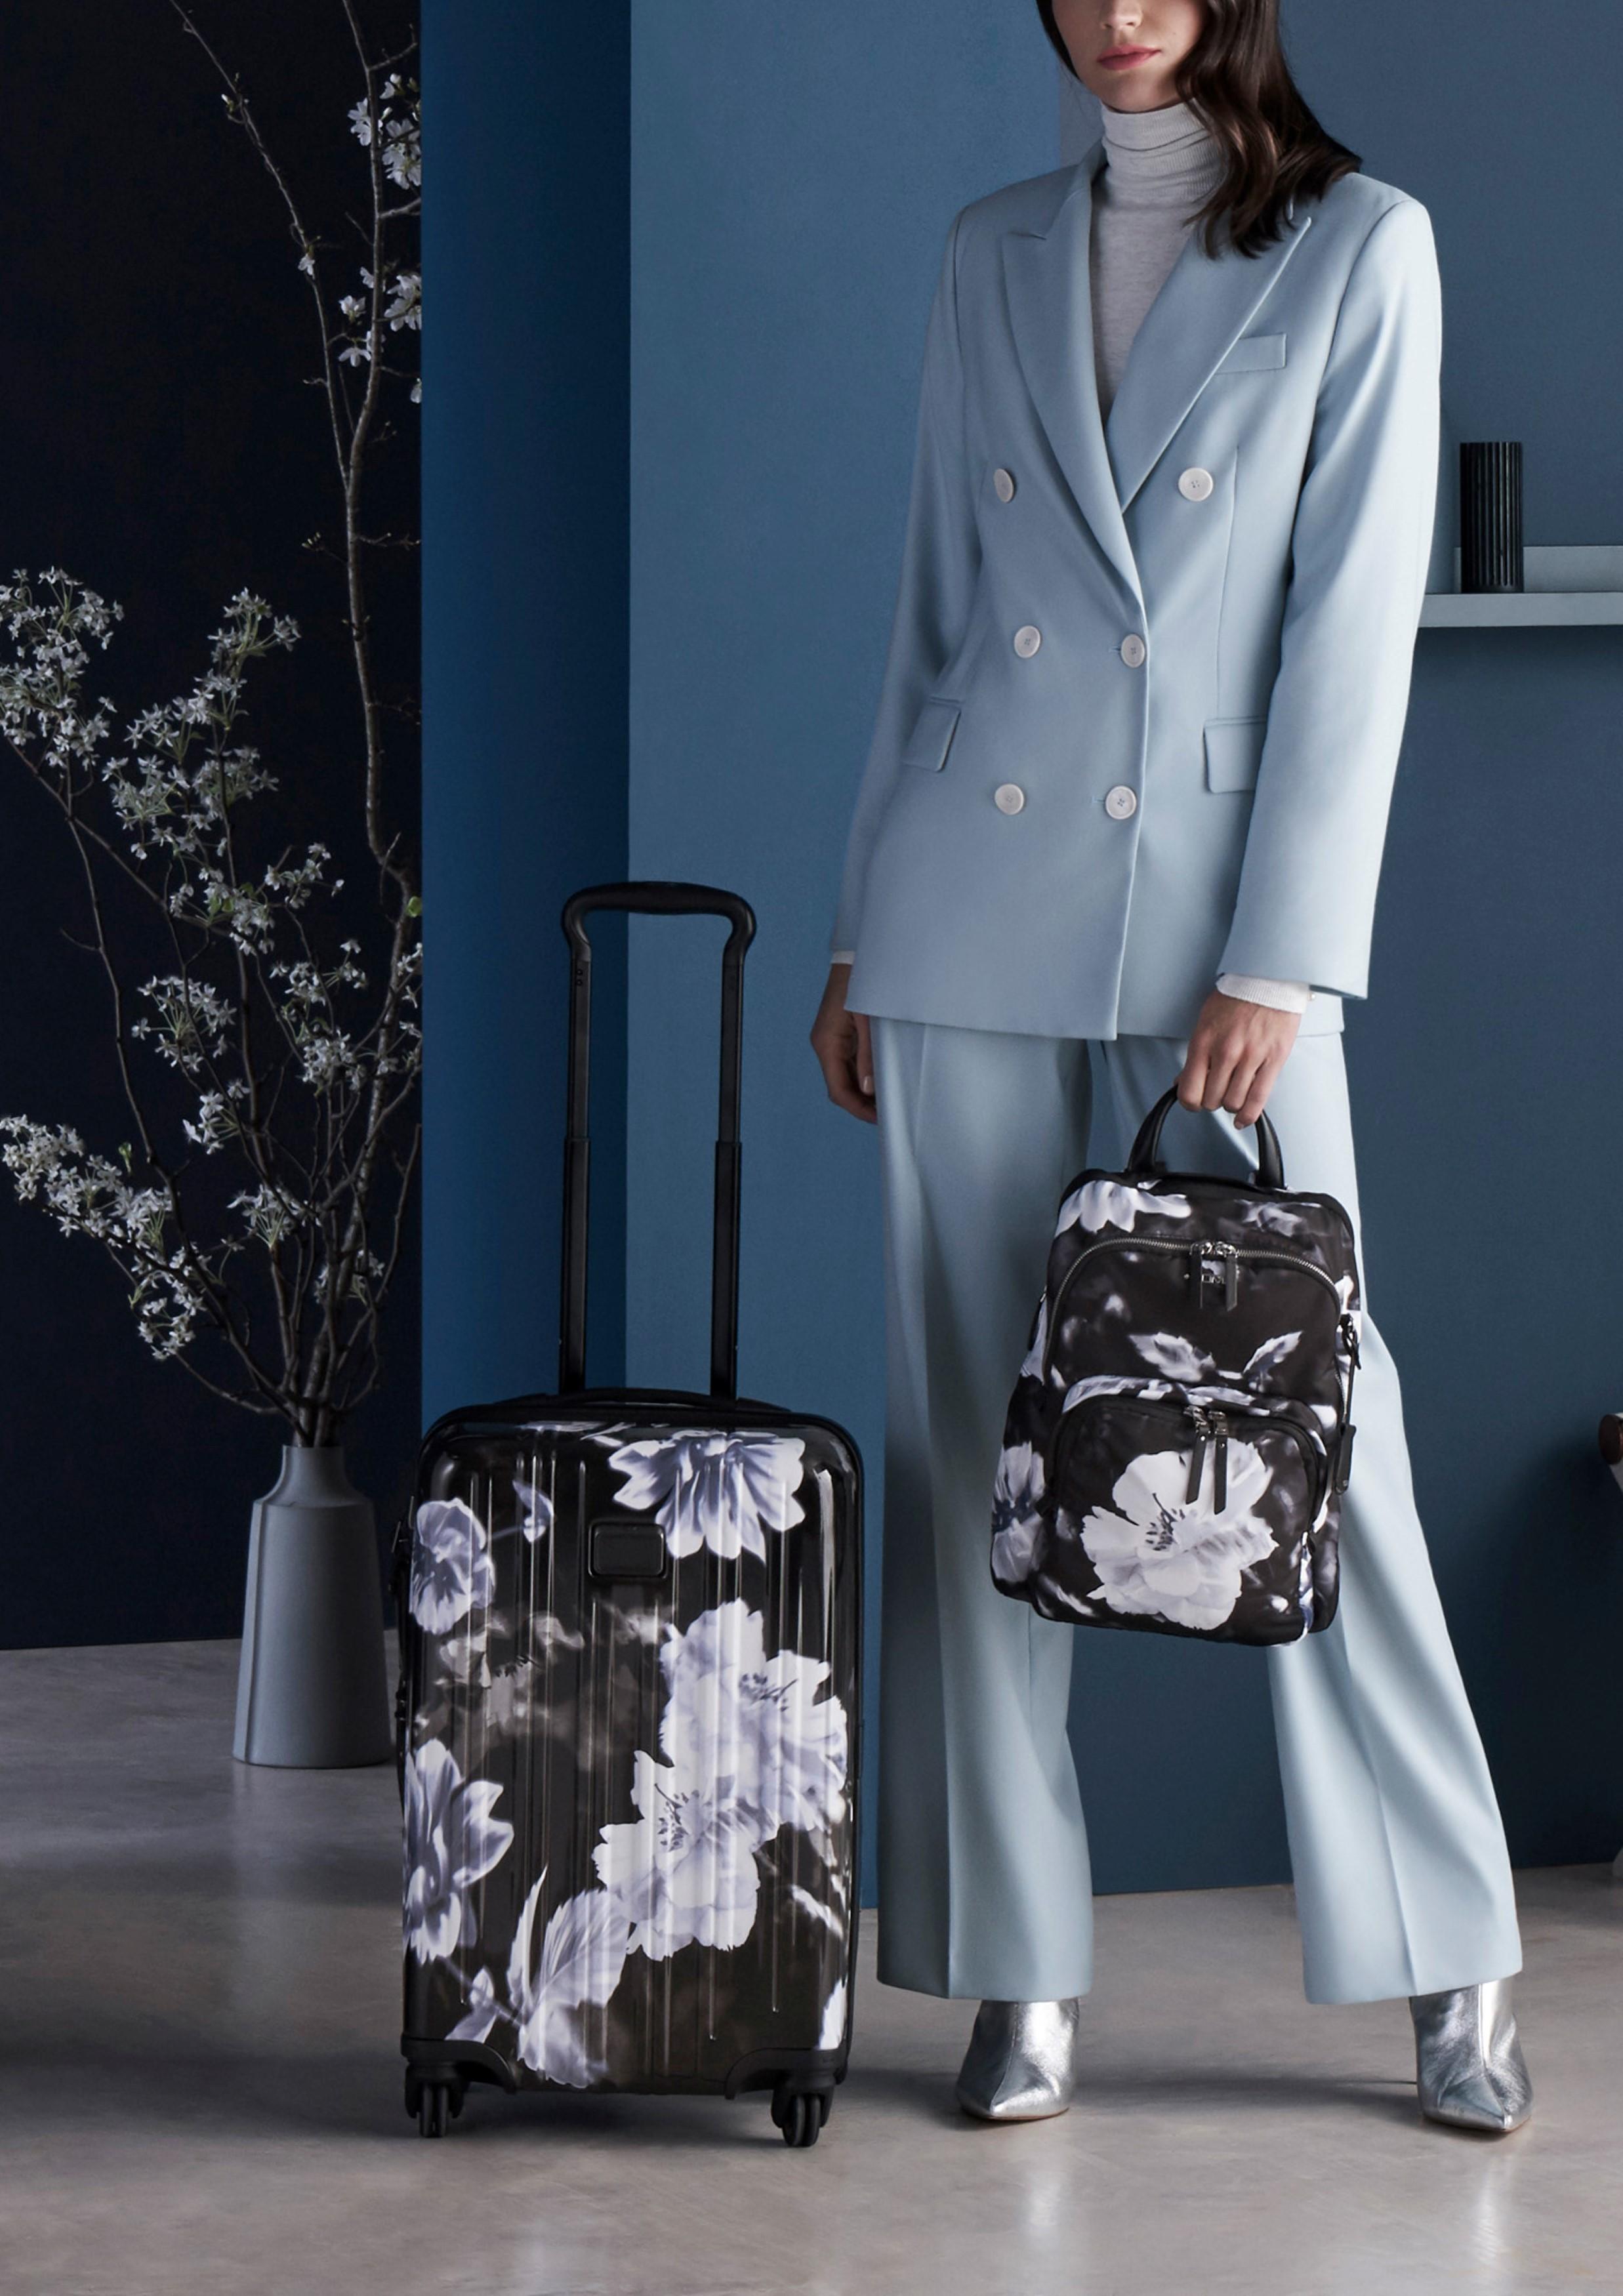 Новая коллекция сумок и аксессуаров бренда Tumi